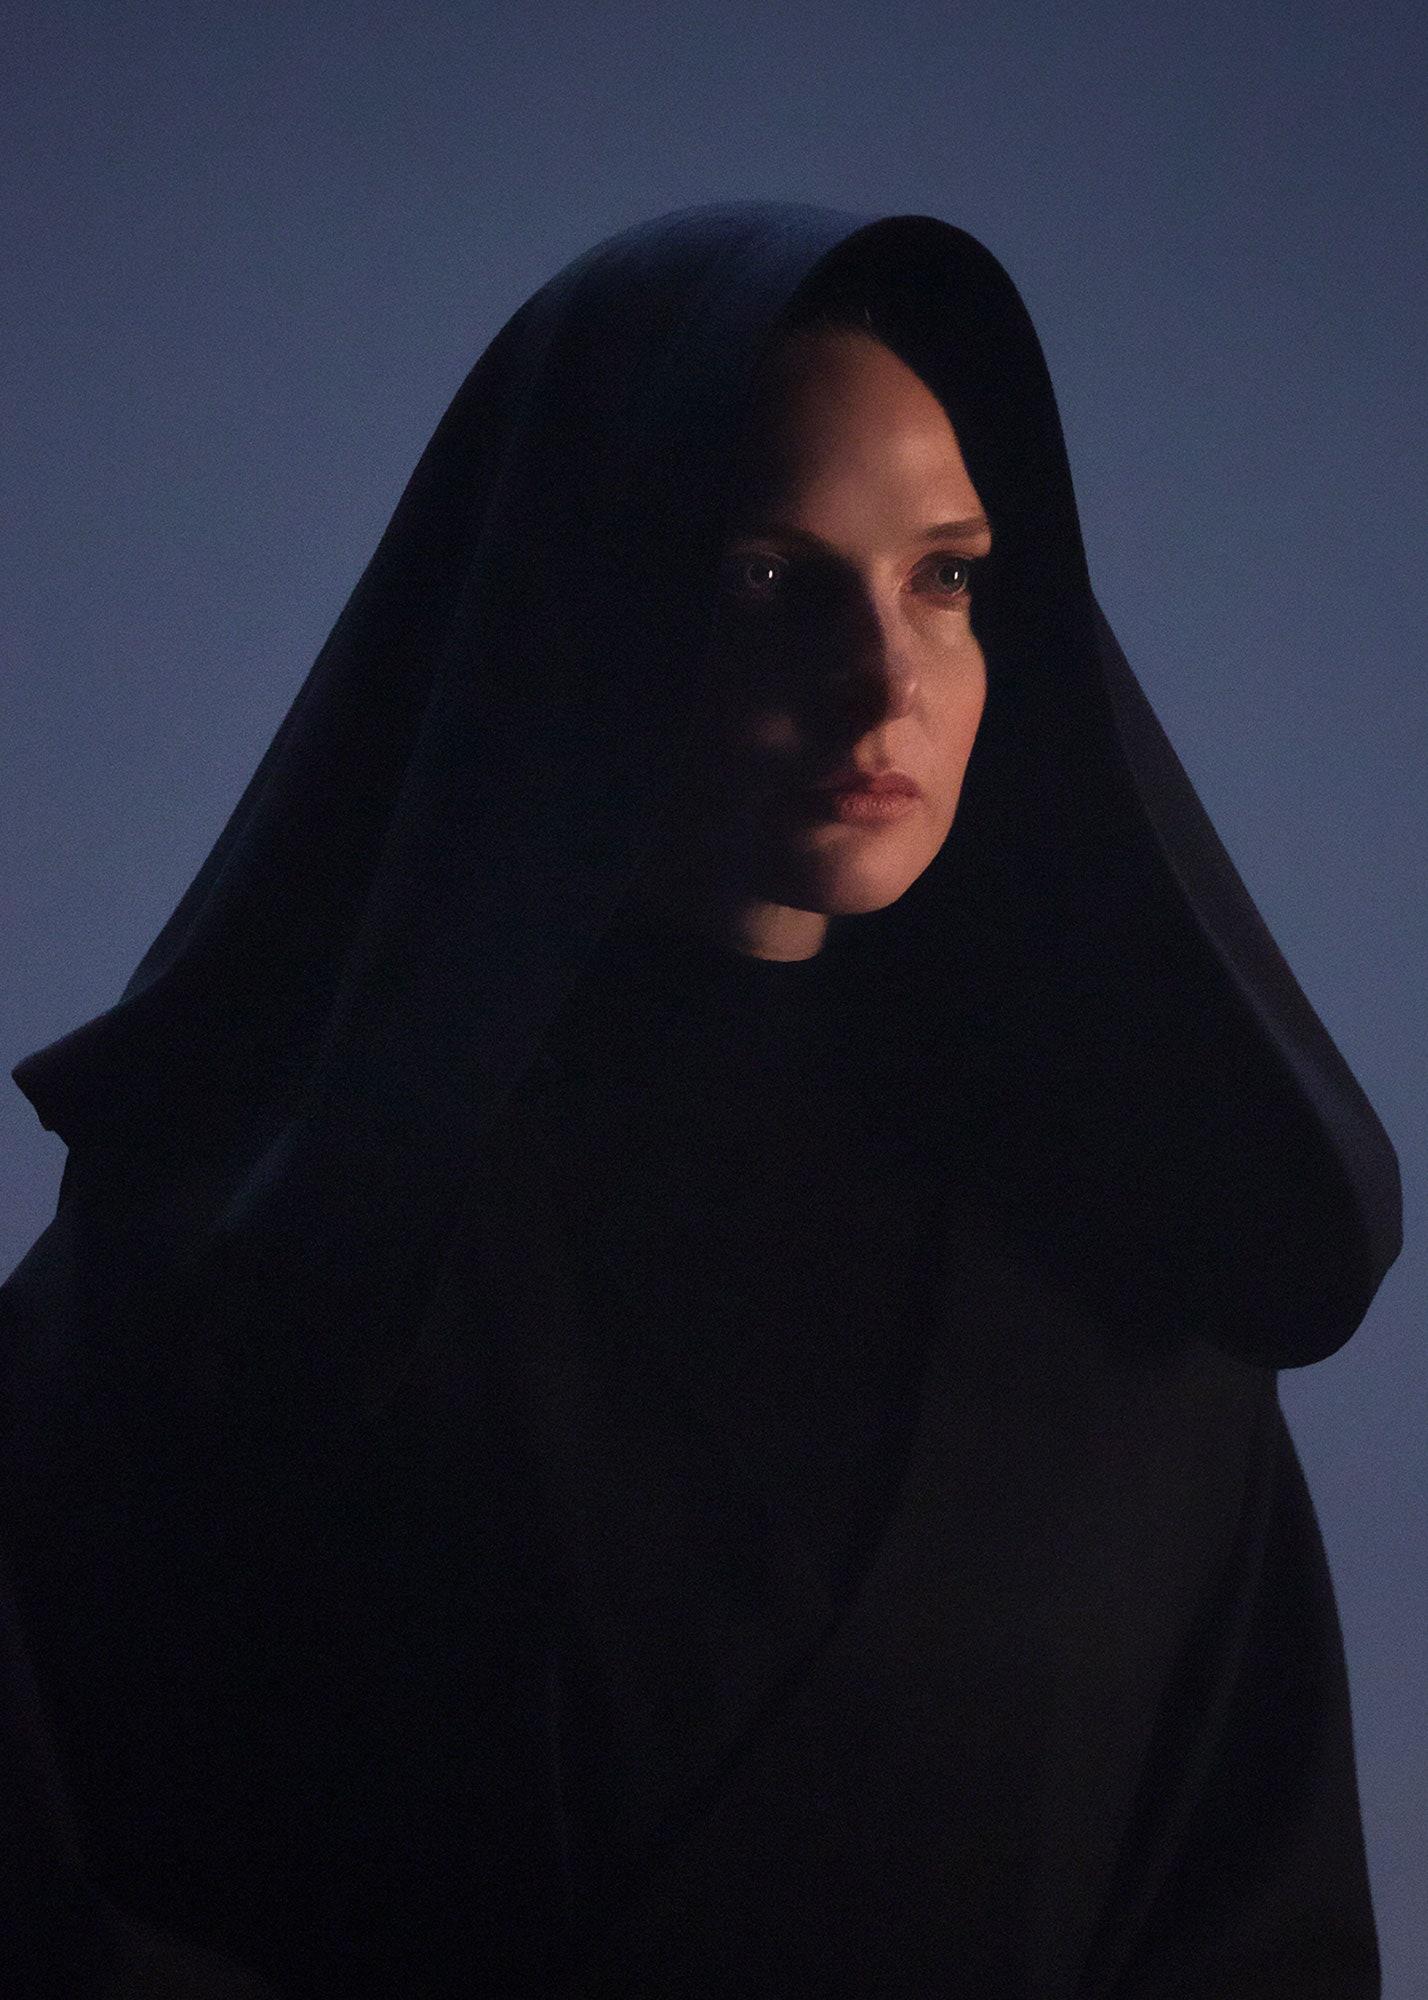 Jessica Atreides/2021 film